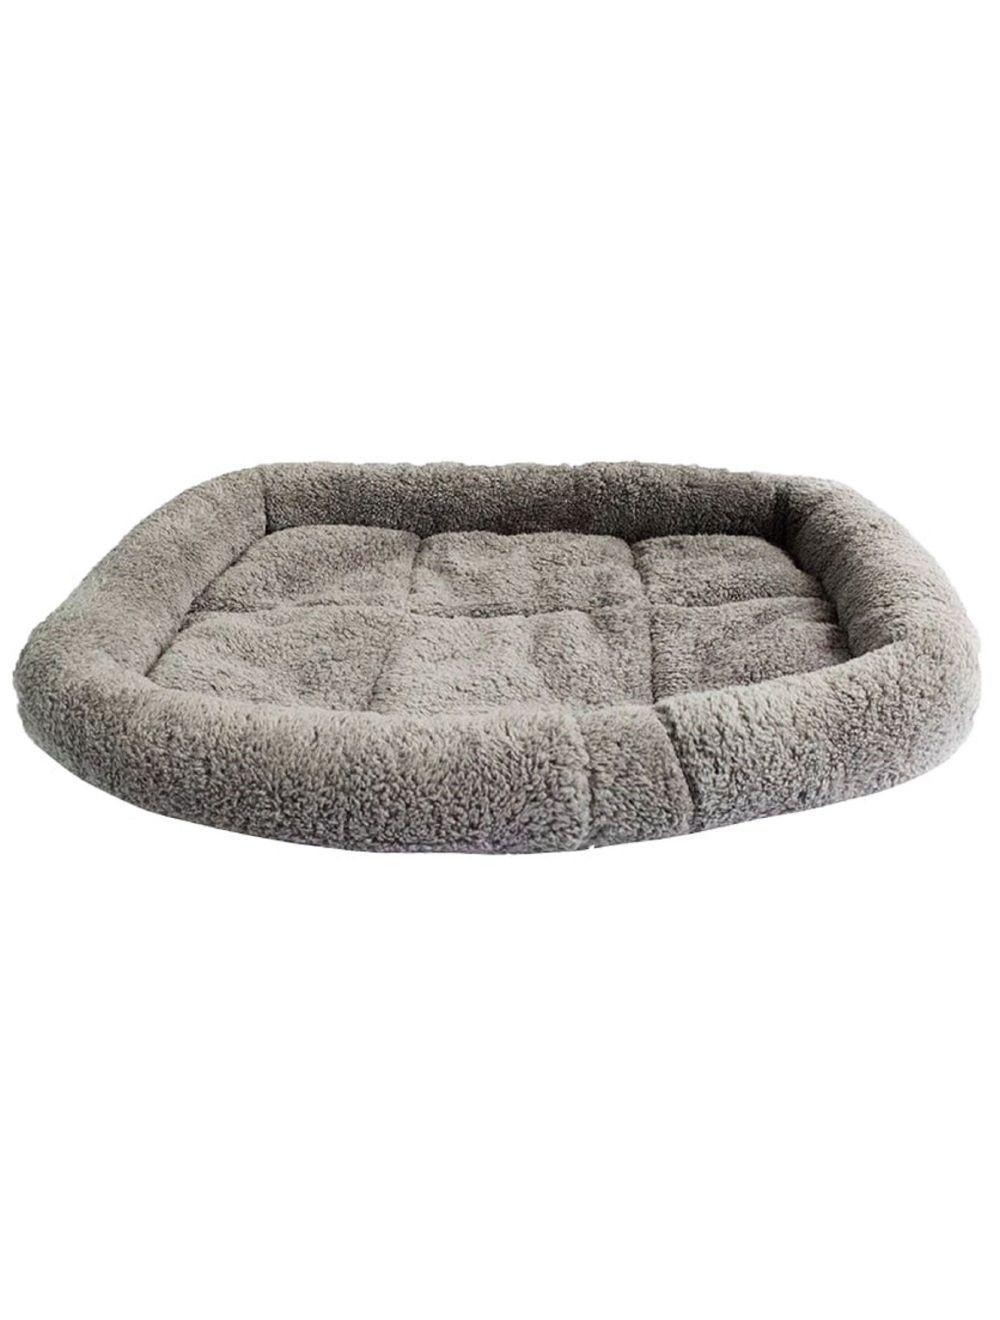 4dogs cama para perro soft talla m - Ciudaddemascotas.com